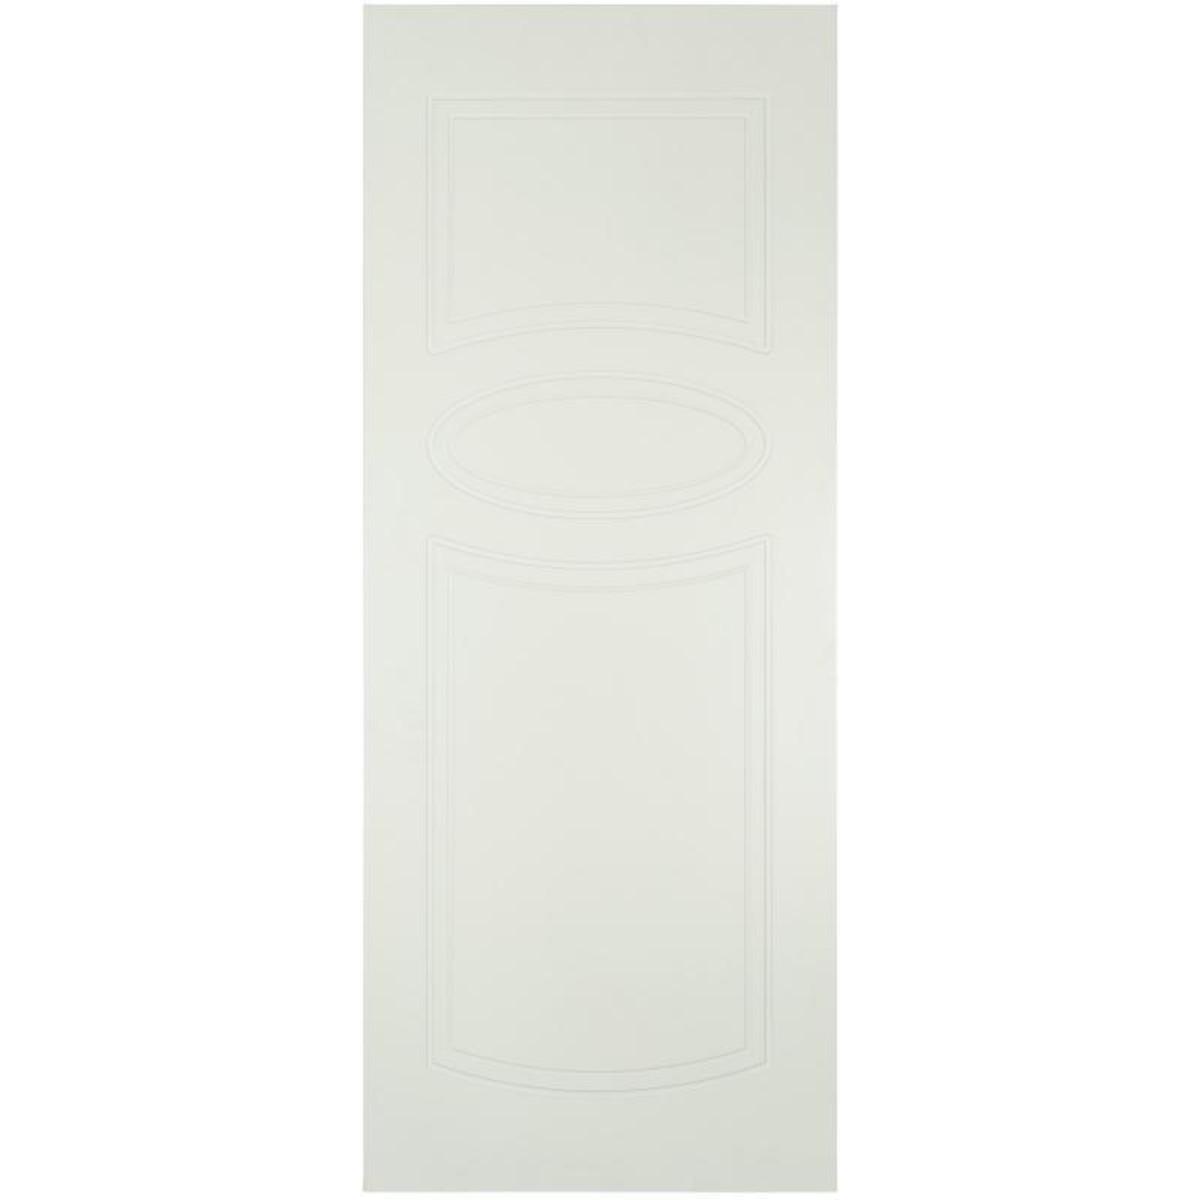 Дверь Межкомнатная Глухая Аккорд 90x200 Эмаль Цвет Белый